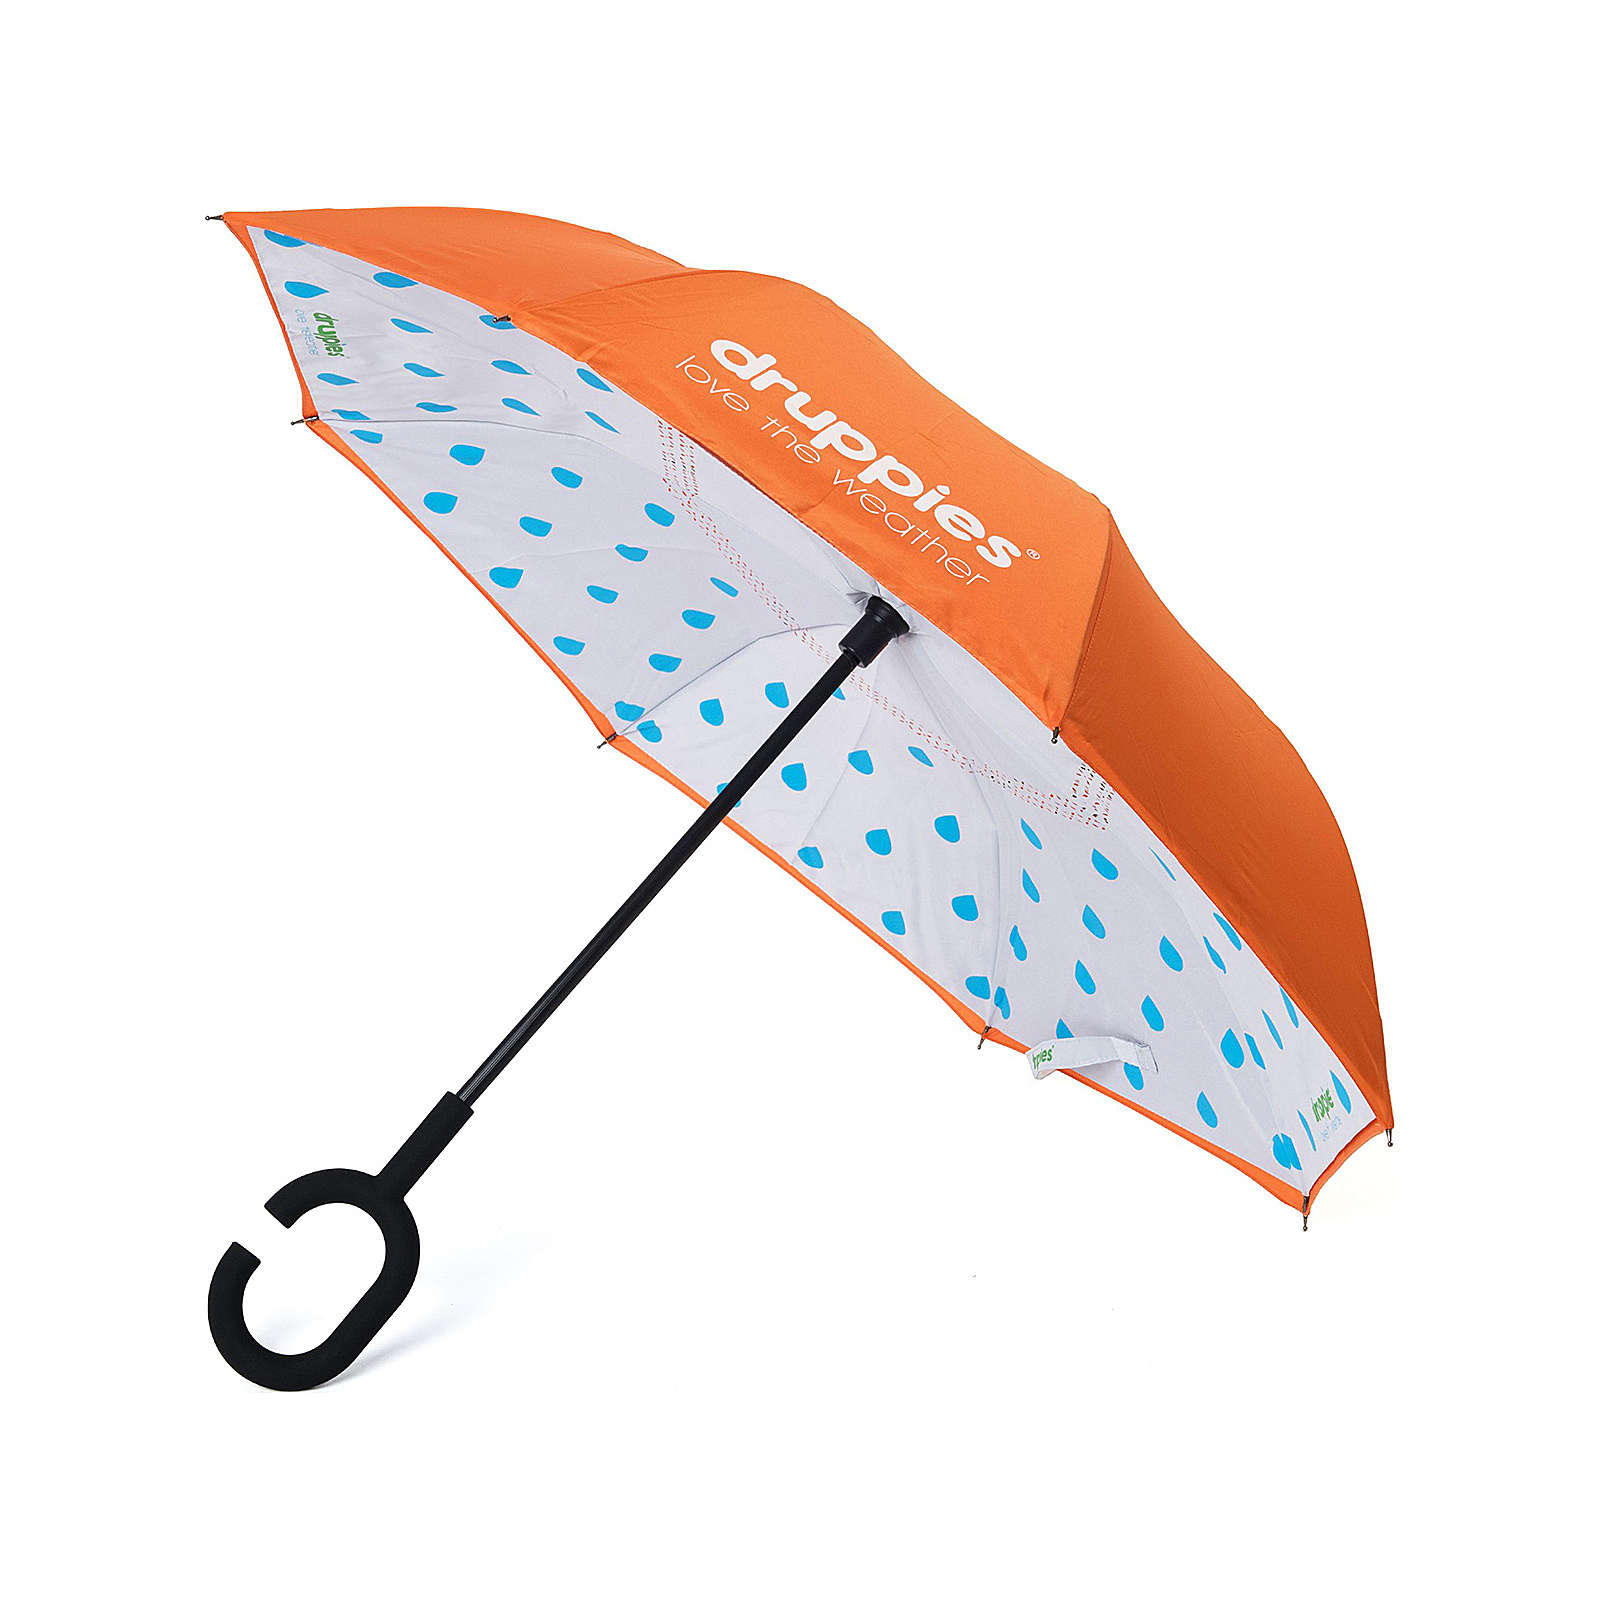 druppies ® Regenschirm  Regenschirm Regenschirme für Kinder orange Gr. one size